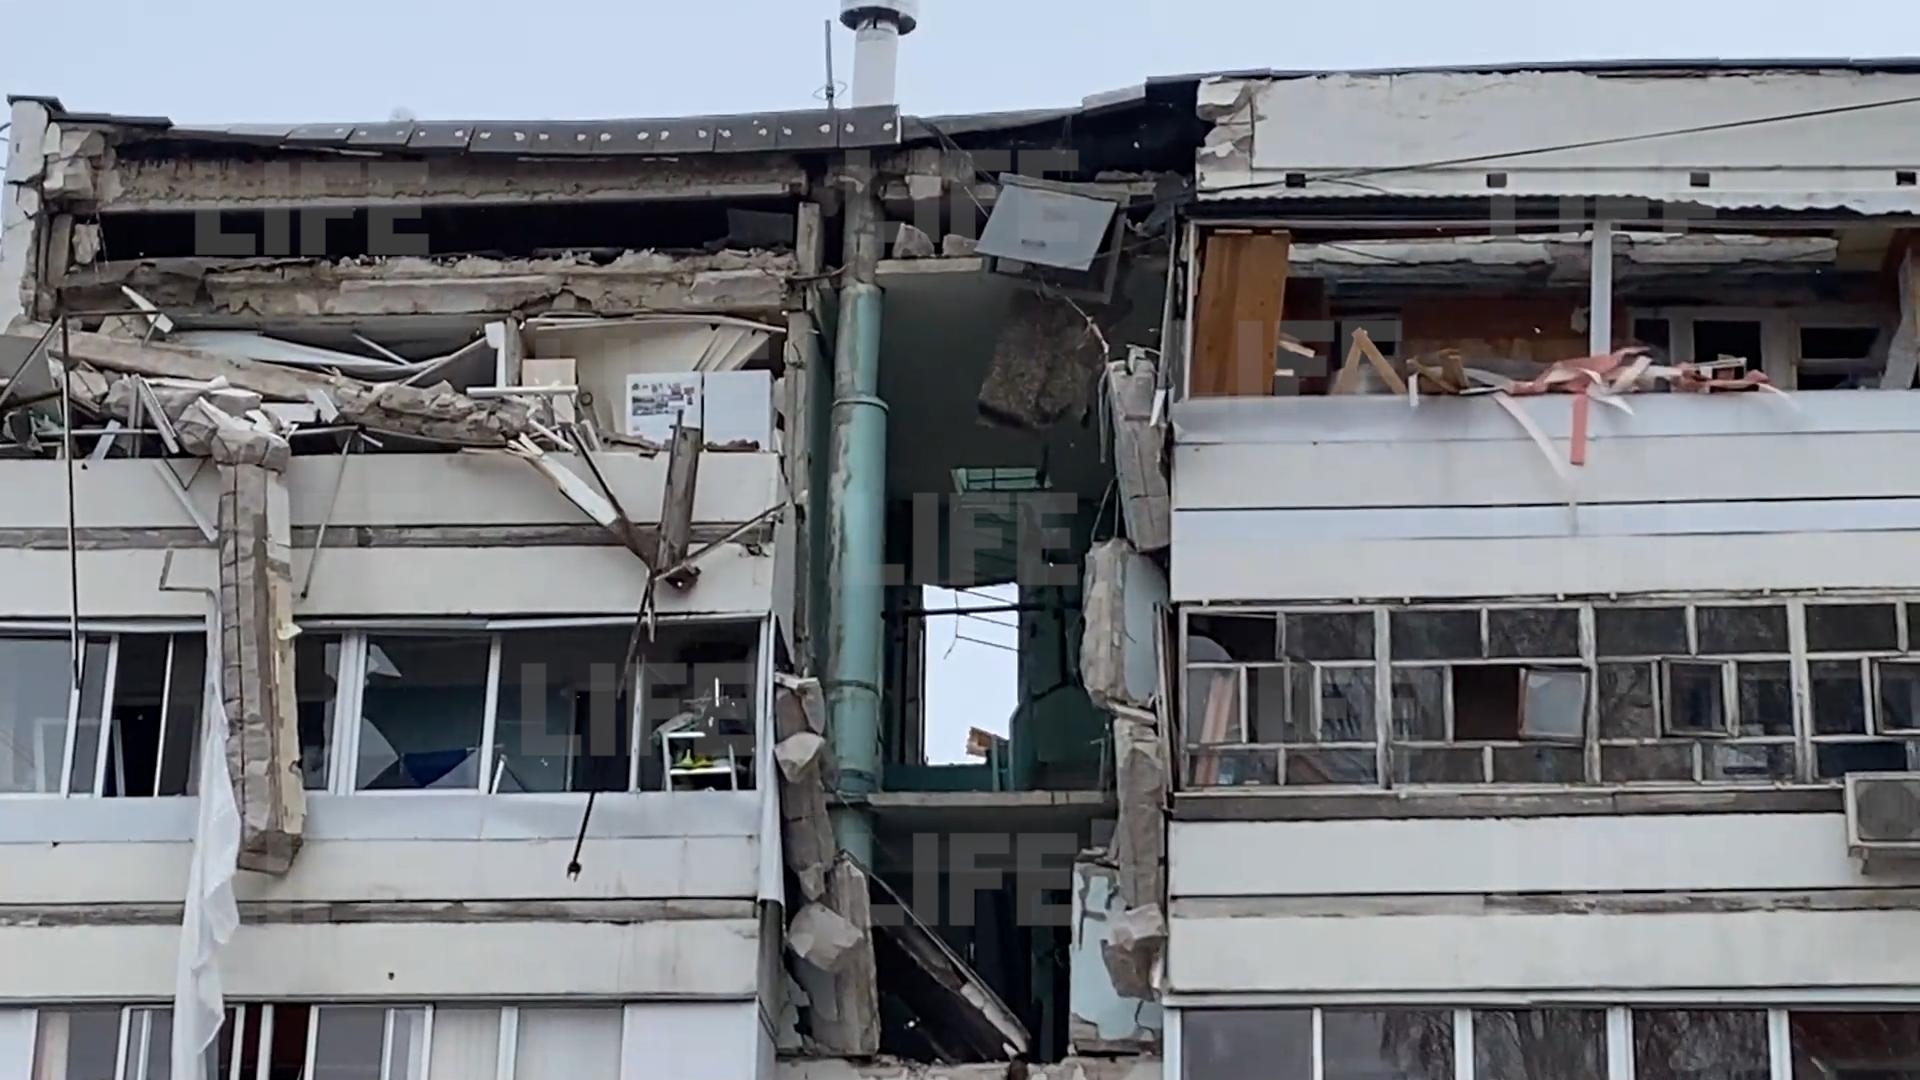 Дыра вместо квартир: Появилось видео с последствиями взрыва в жилом доме в Набережных Челнах